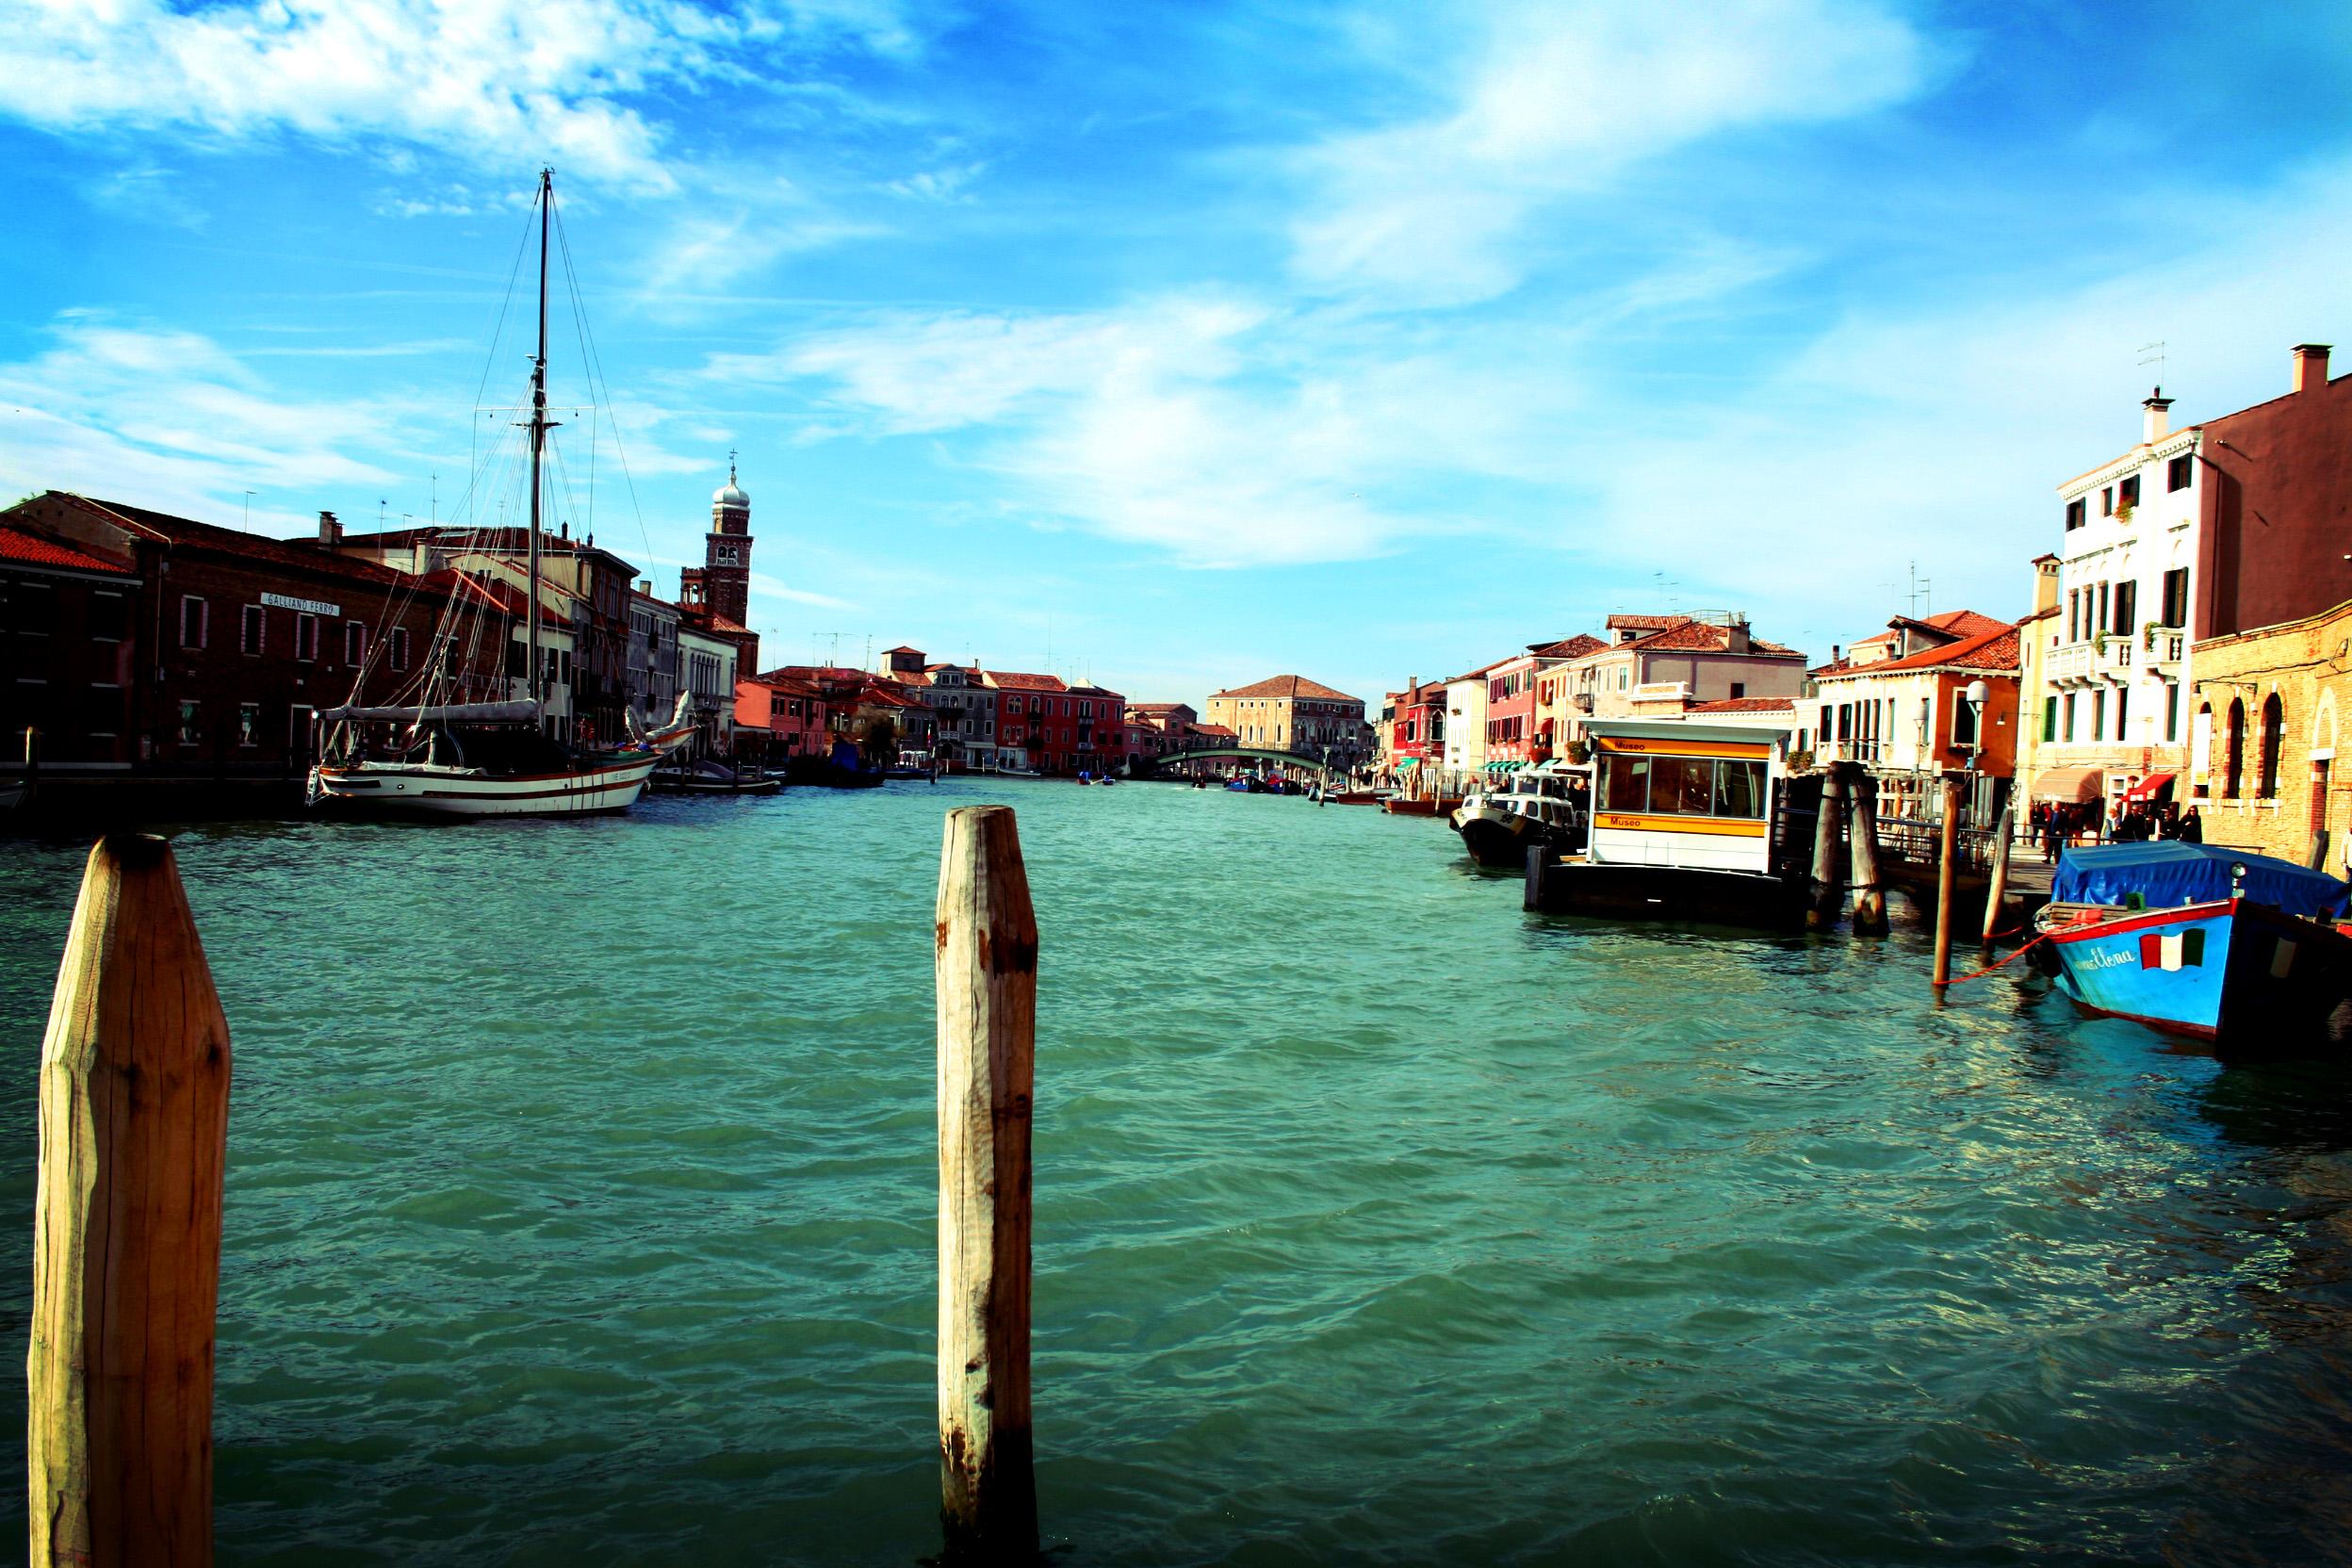 Notas de un viaje a Venezia